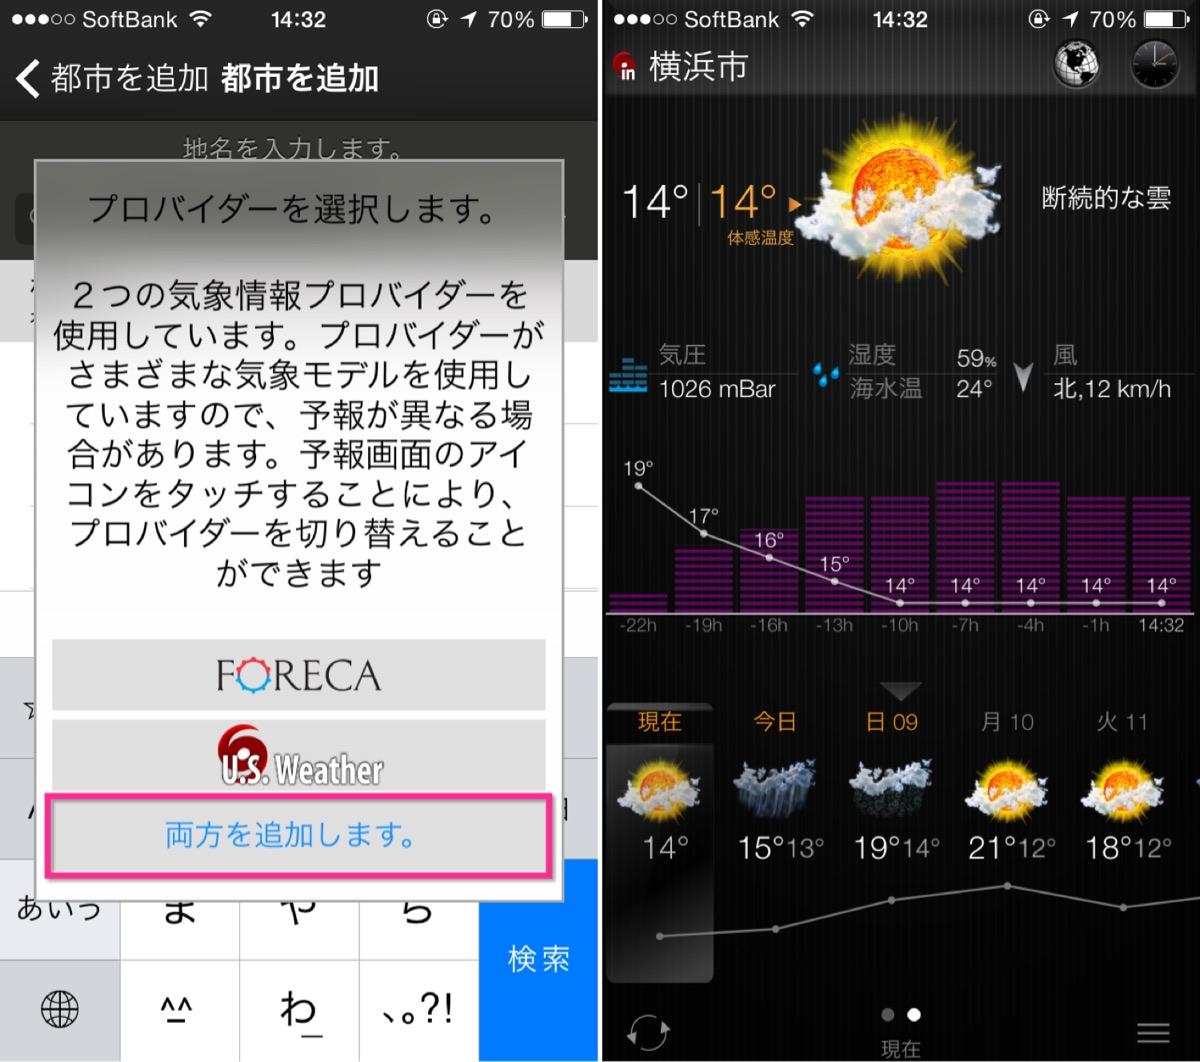 「eweatherhd」iPhoneの天気アプリ